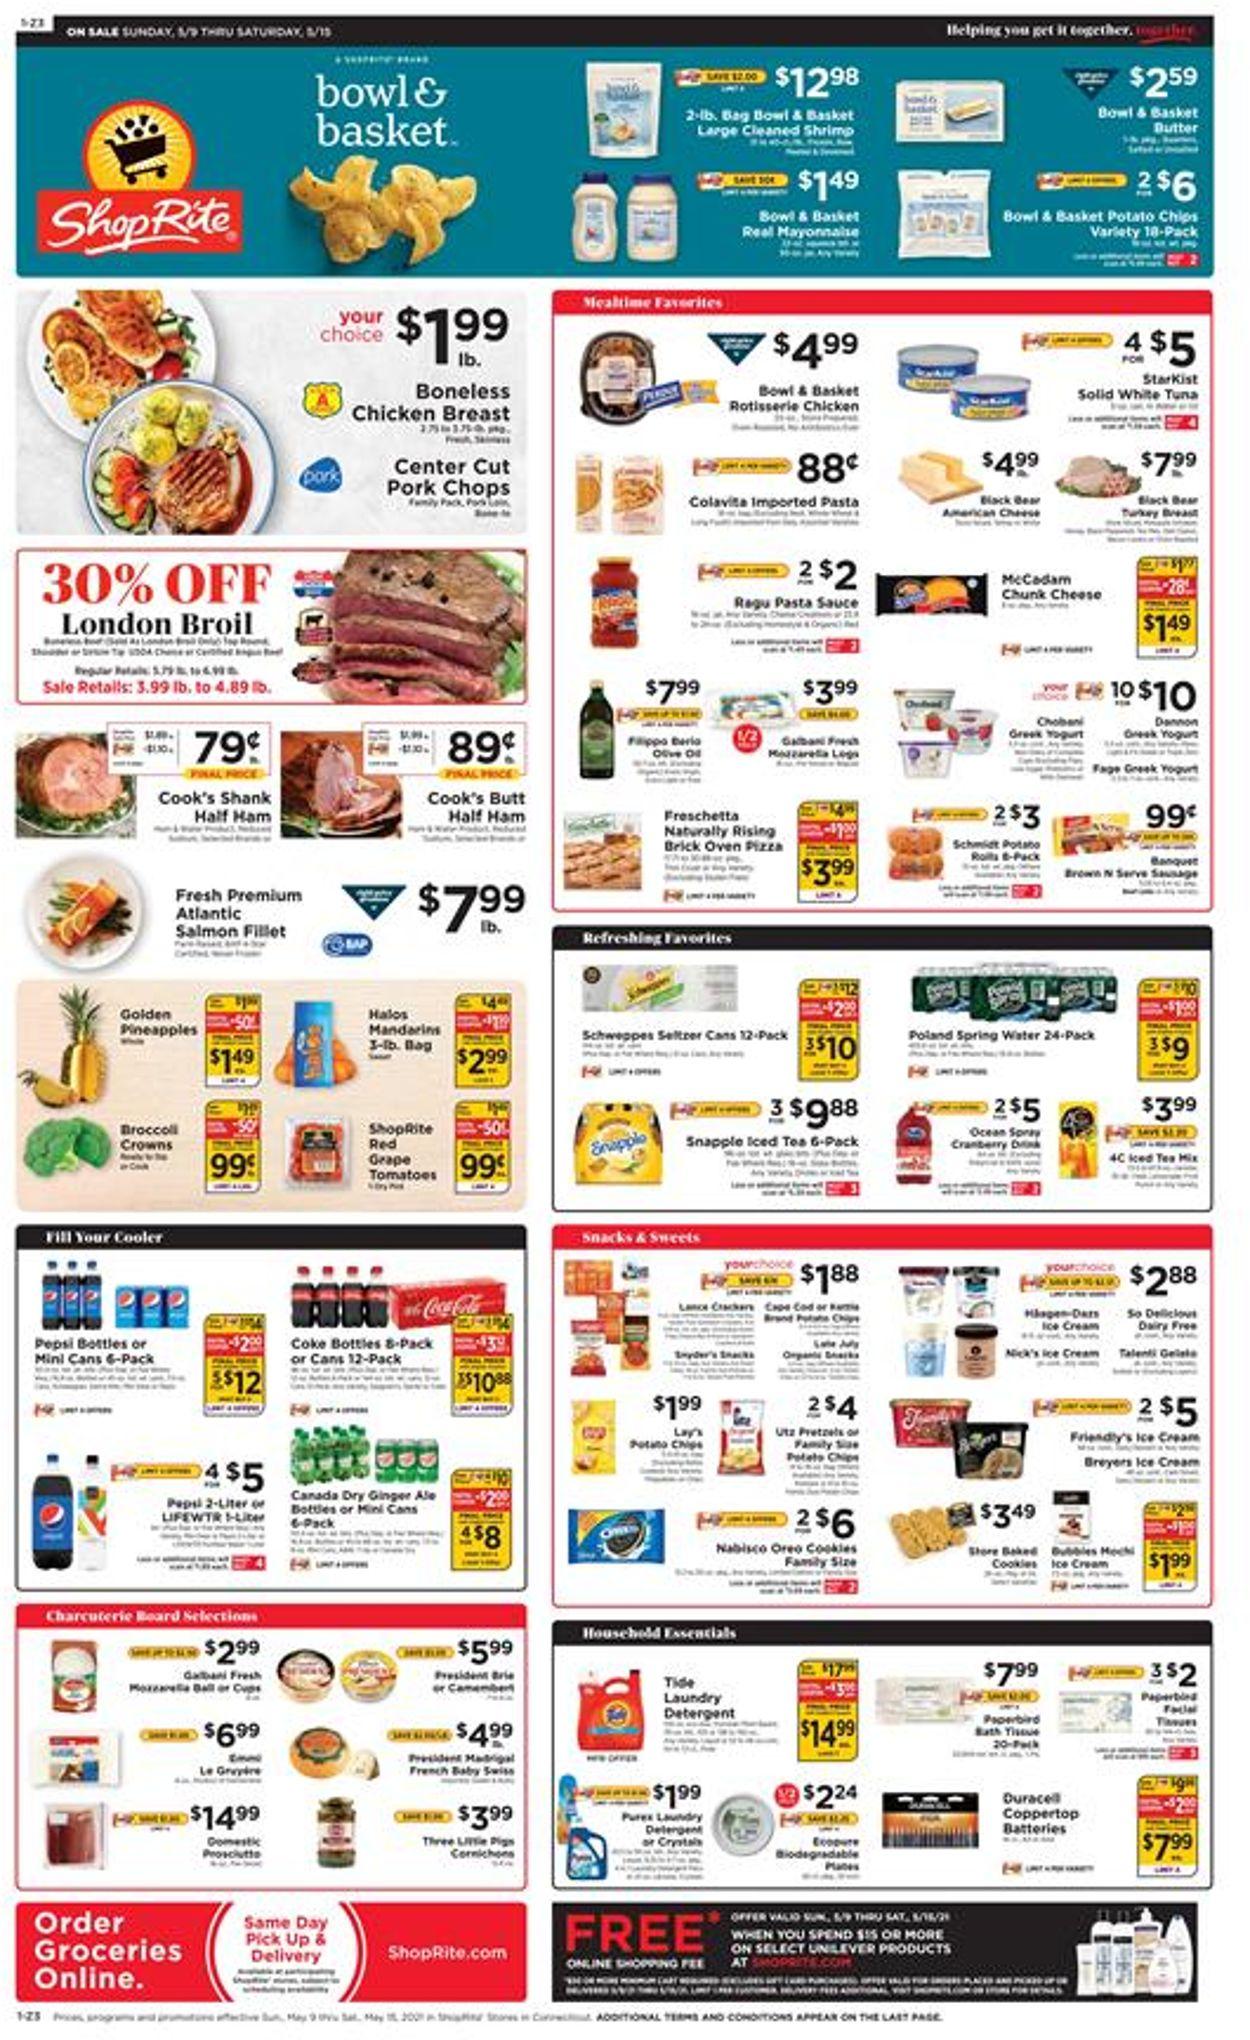 ShopRite Weekly Ad Circular - valid 05/09-05/15/2021